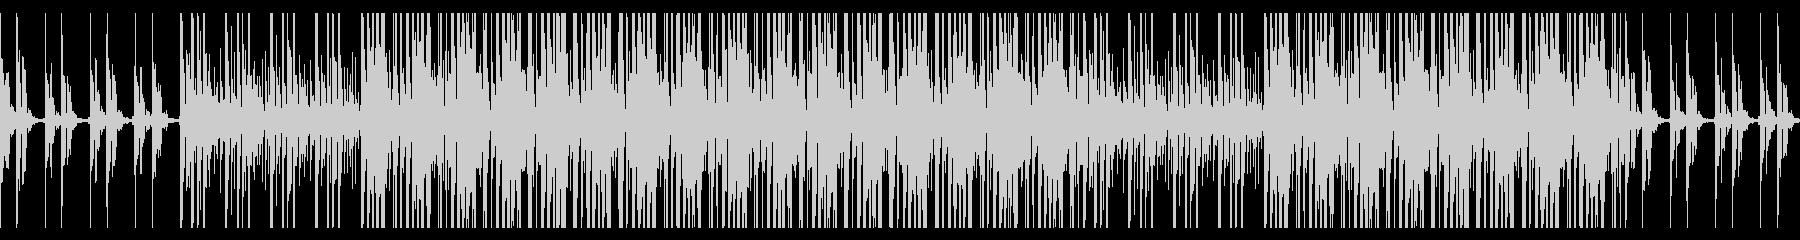 ベルを使った軽快な四つ打ちビートのループの未再生の波形